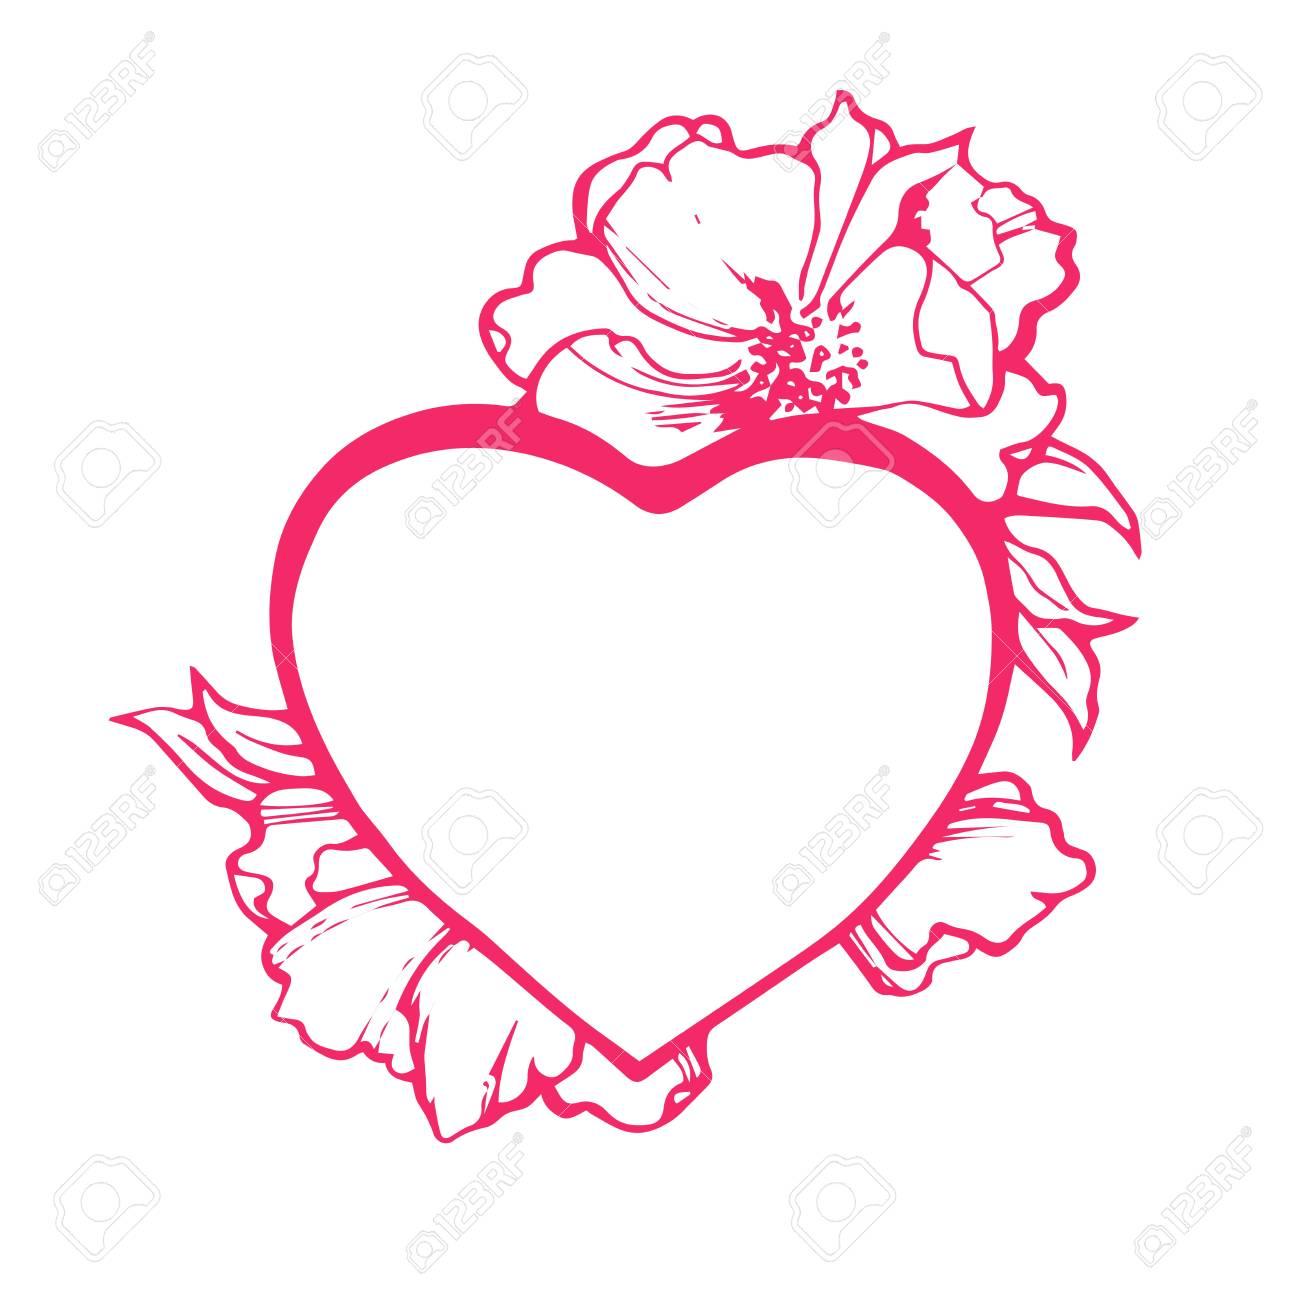 Coeur Doodle Art Isole Illustration Vectorielle Pour Cahier De